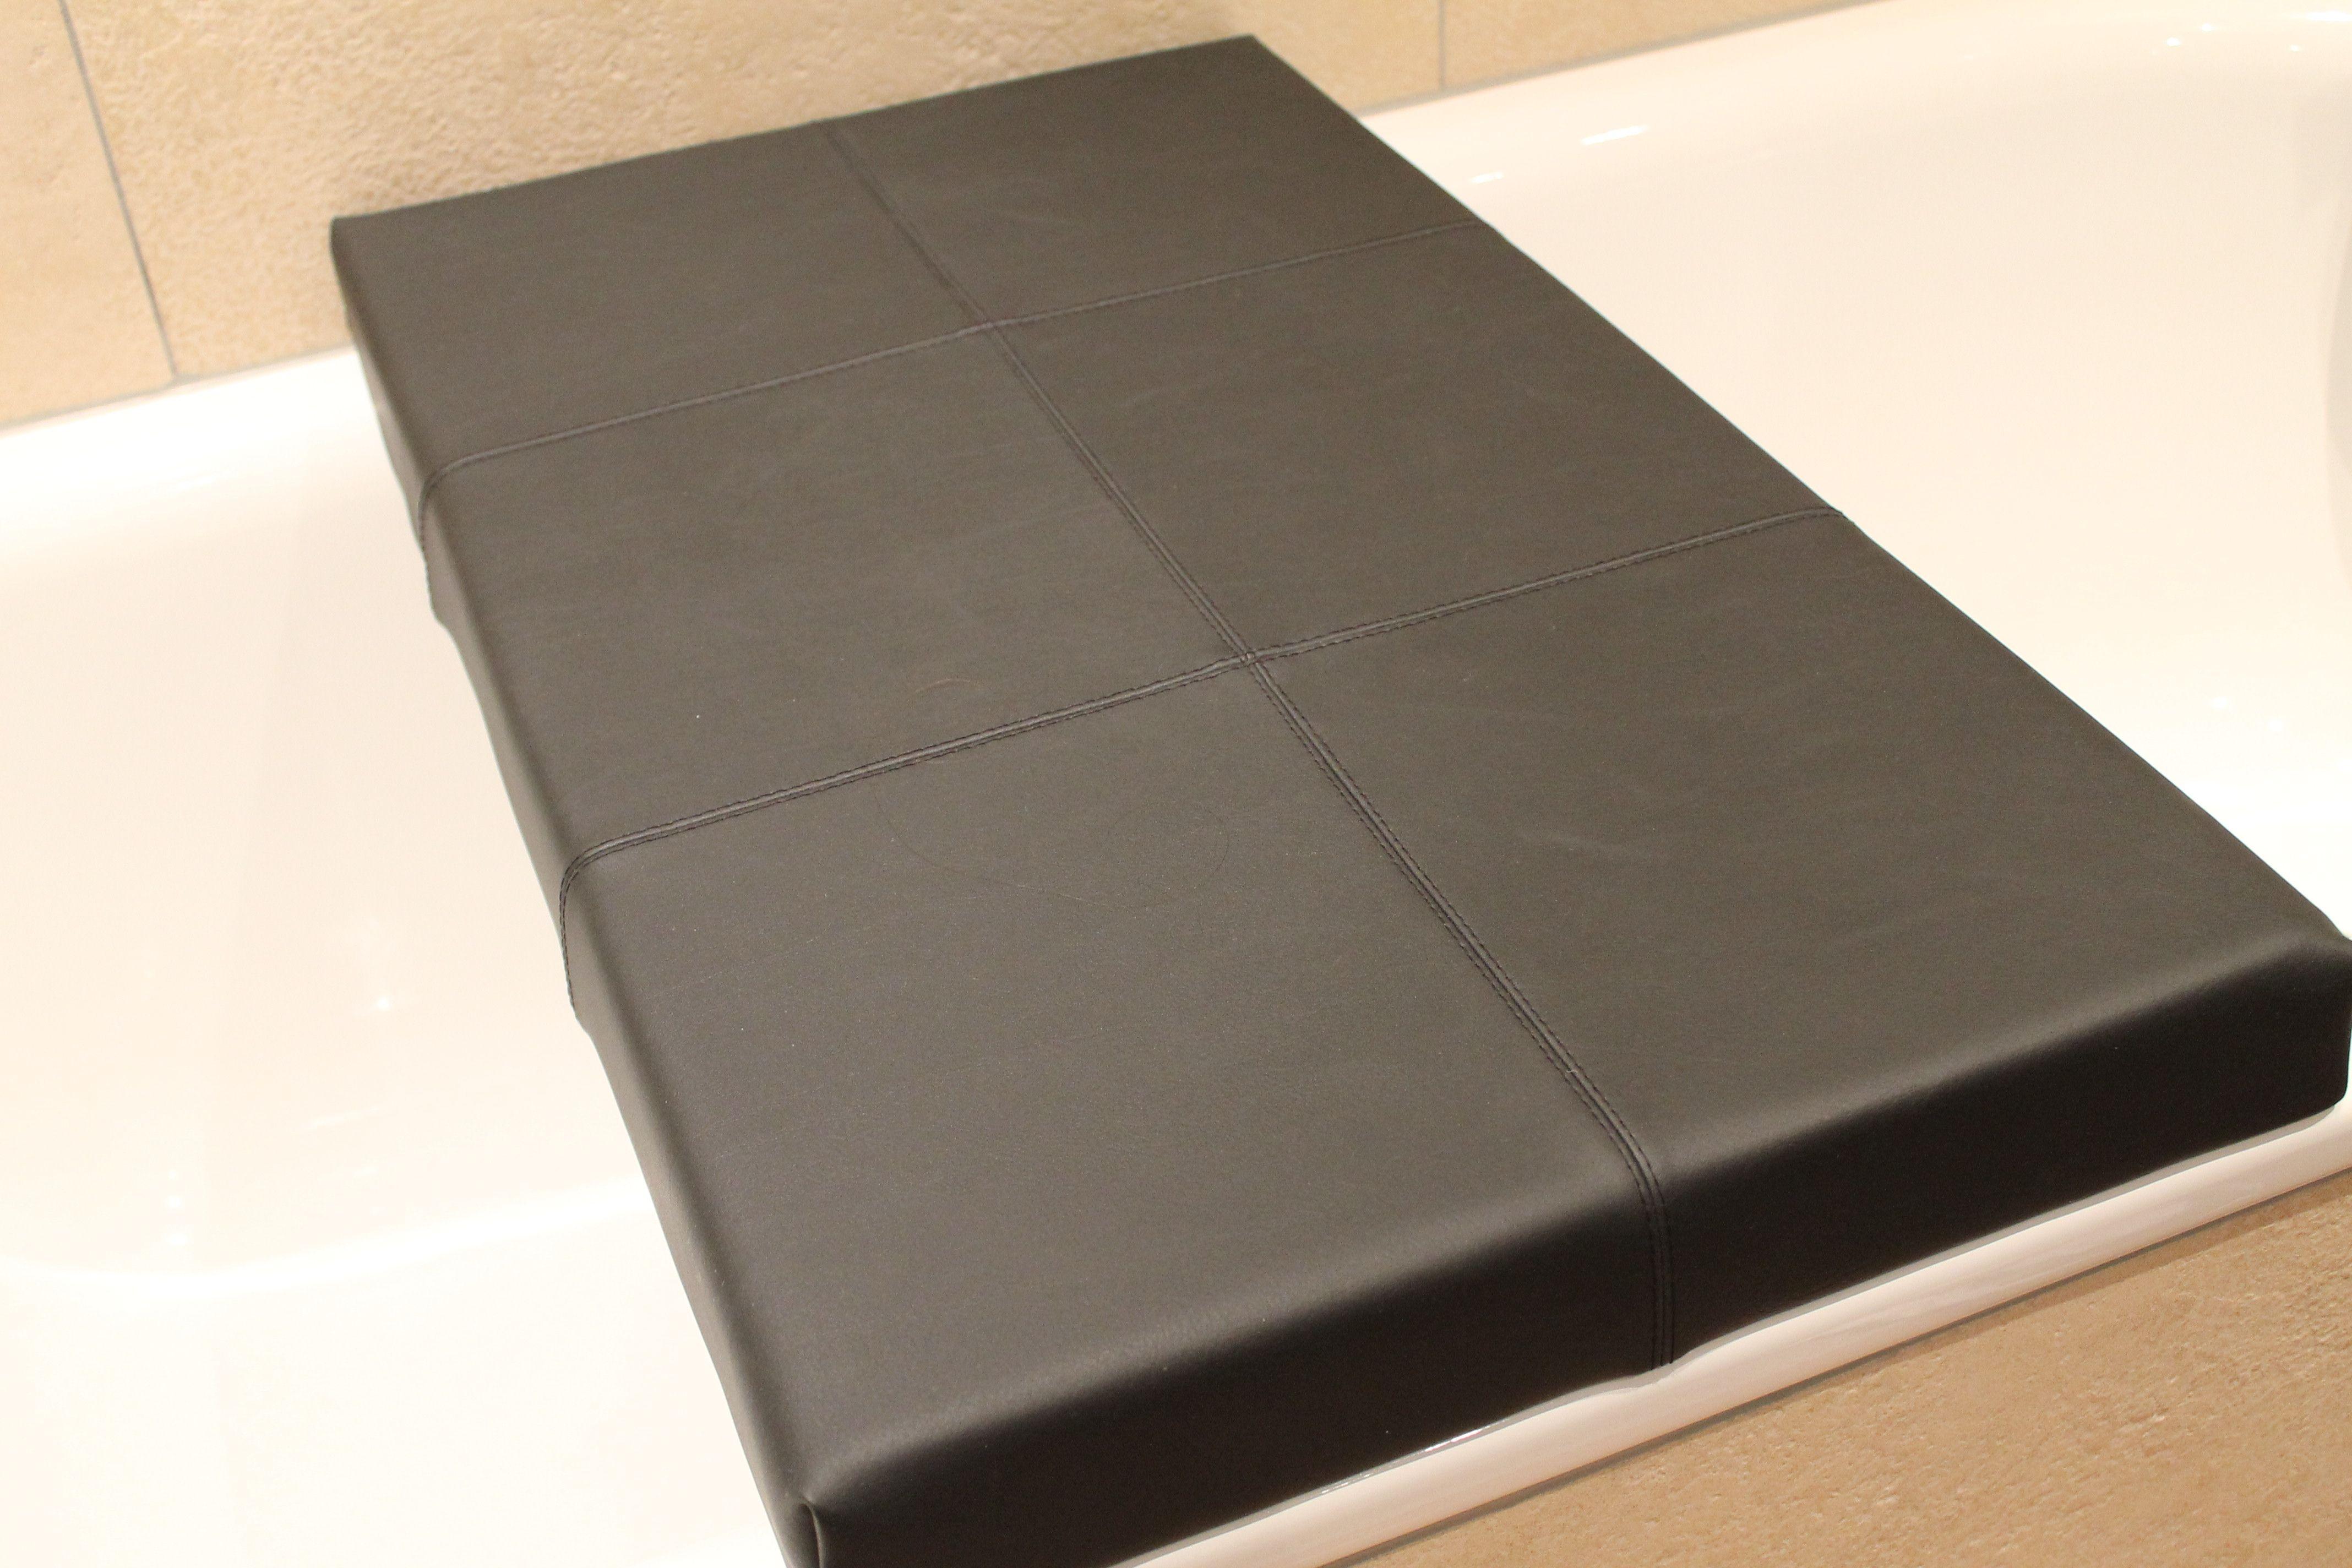 tipp f r ein wohnliches bad badewannenbr cke sitzfl che f r ein fu bad liegefl che. Black Bedroom Furniture Sets. Home Design Ideas